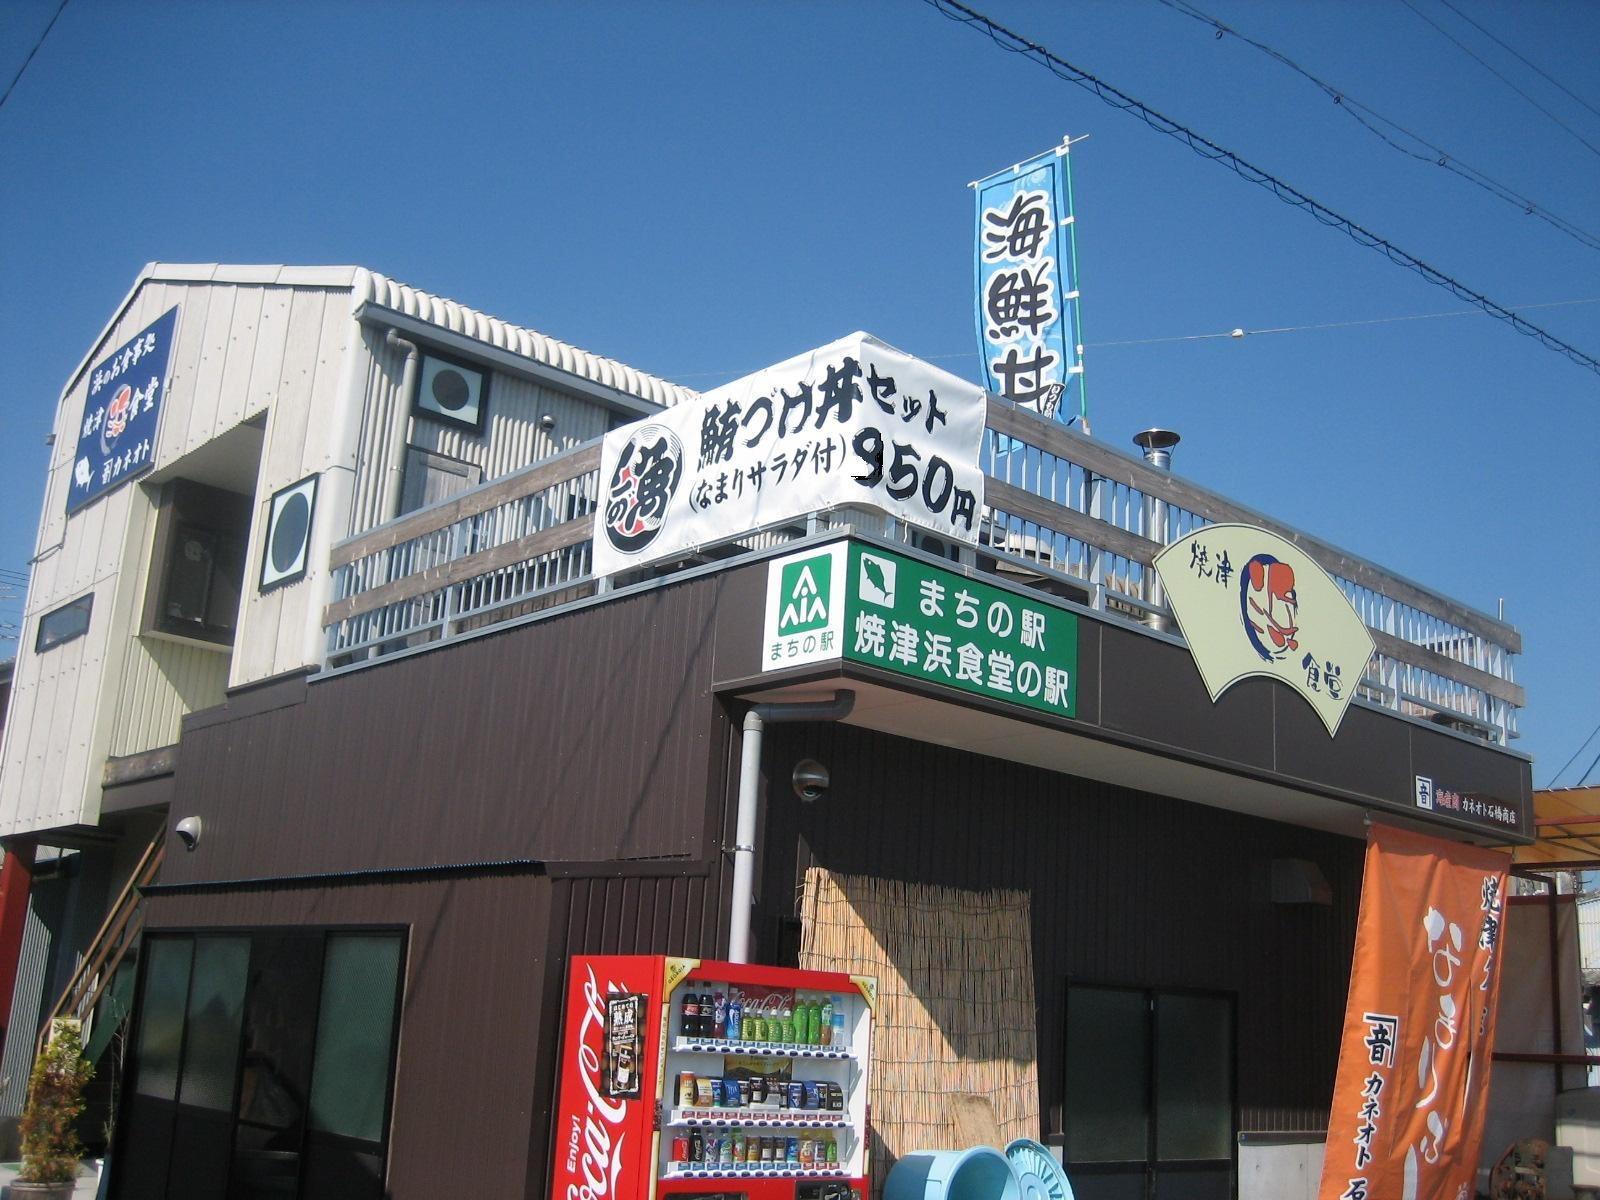 カネオト 焼津浜食堂